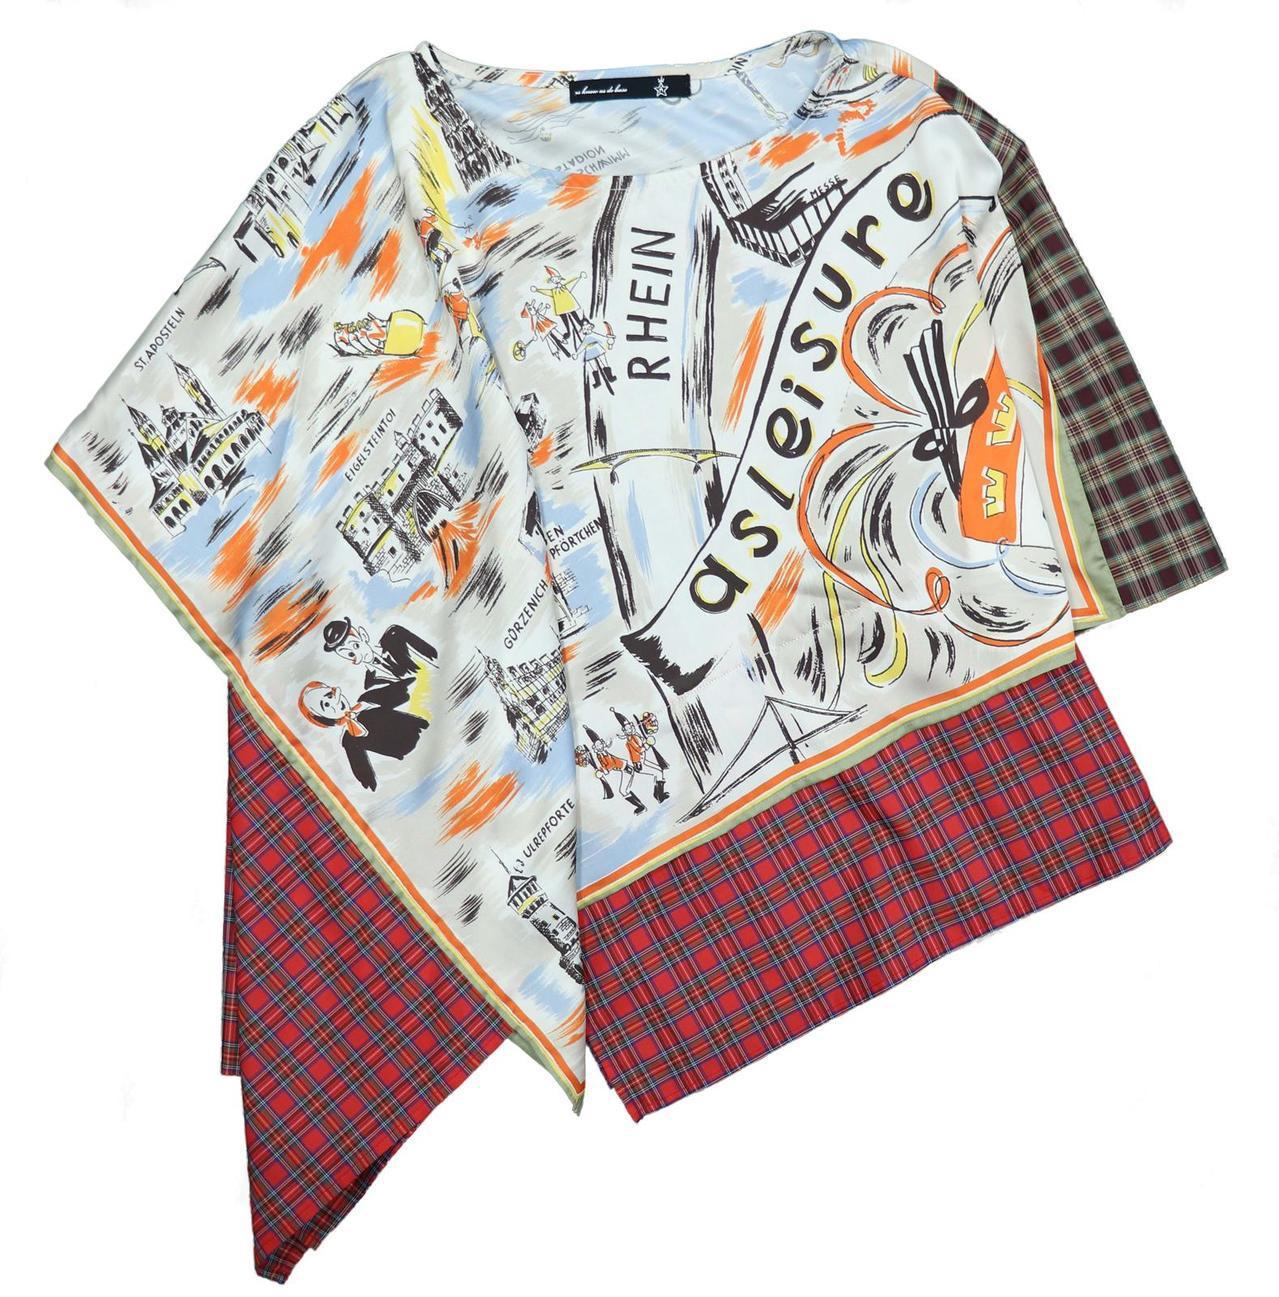 AS KNOW AS復古歐風手繪上衣,5,690元。圖/滿心提供